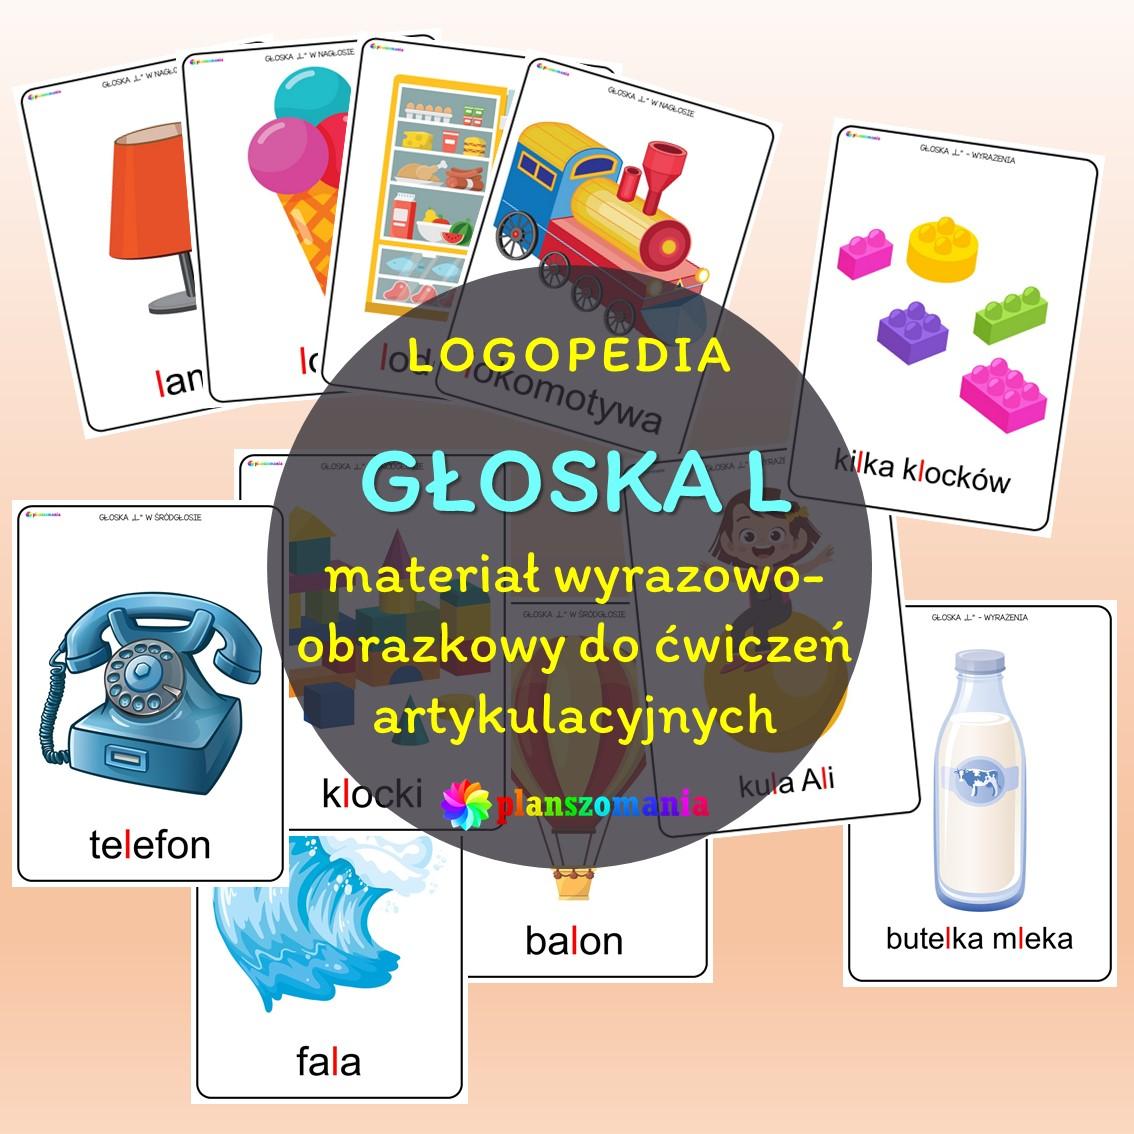 materiał oprazkowy do ćwiczeń artykulacyjnych prawidłowe wypowiadanie głoski L logopedia ćwiczenia usprawniające narządy mowy planszomania